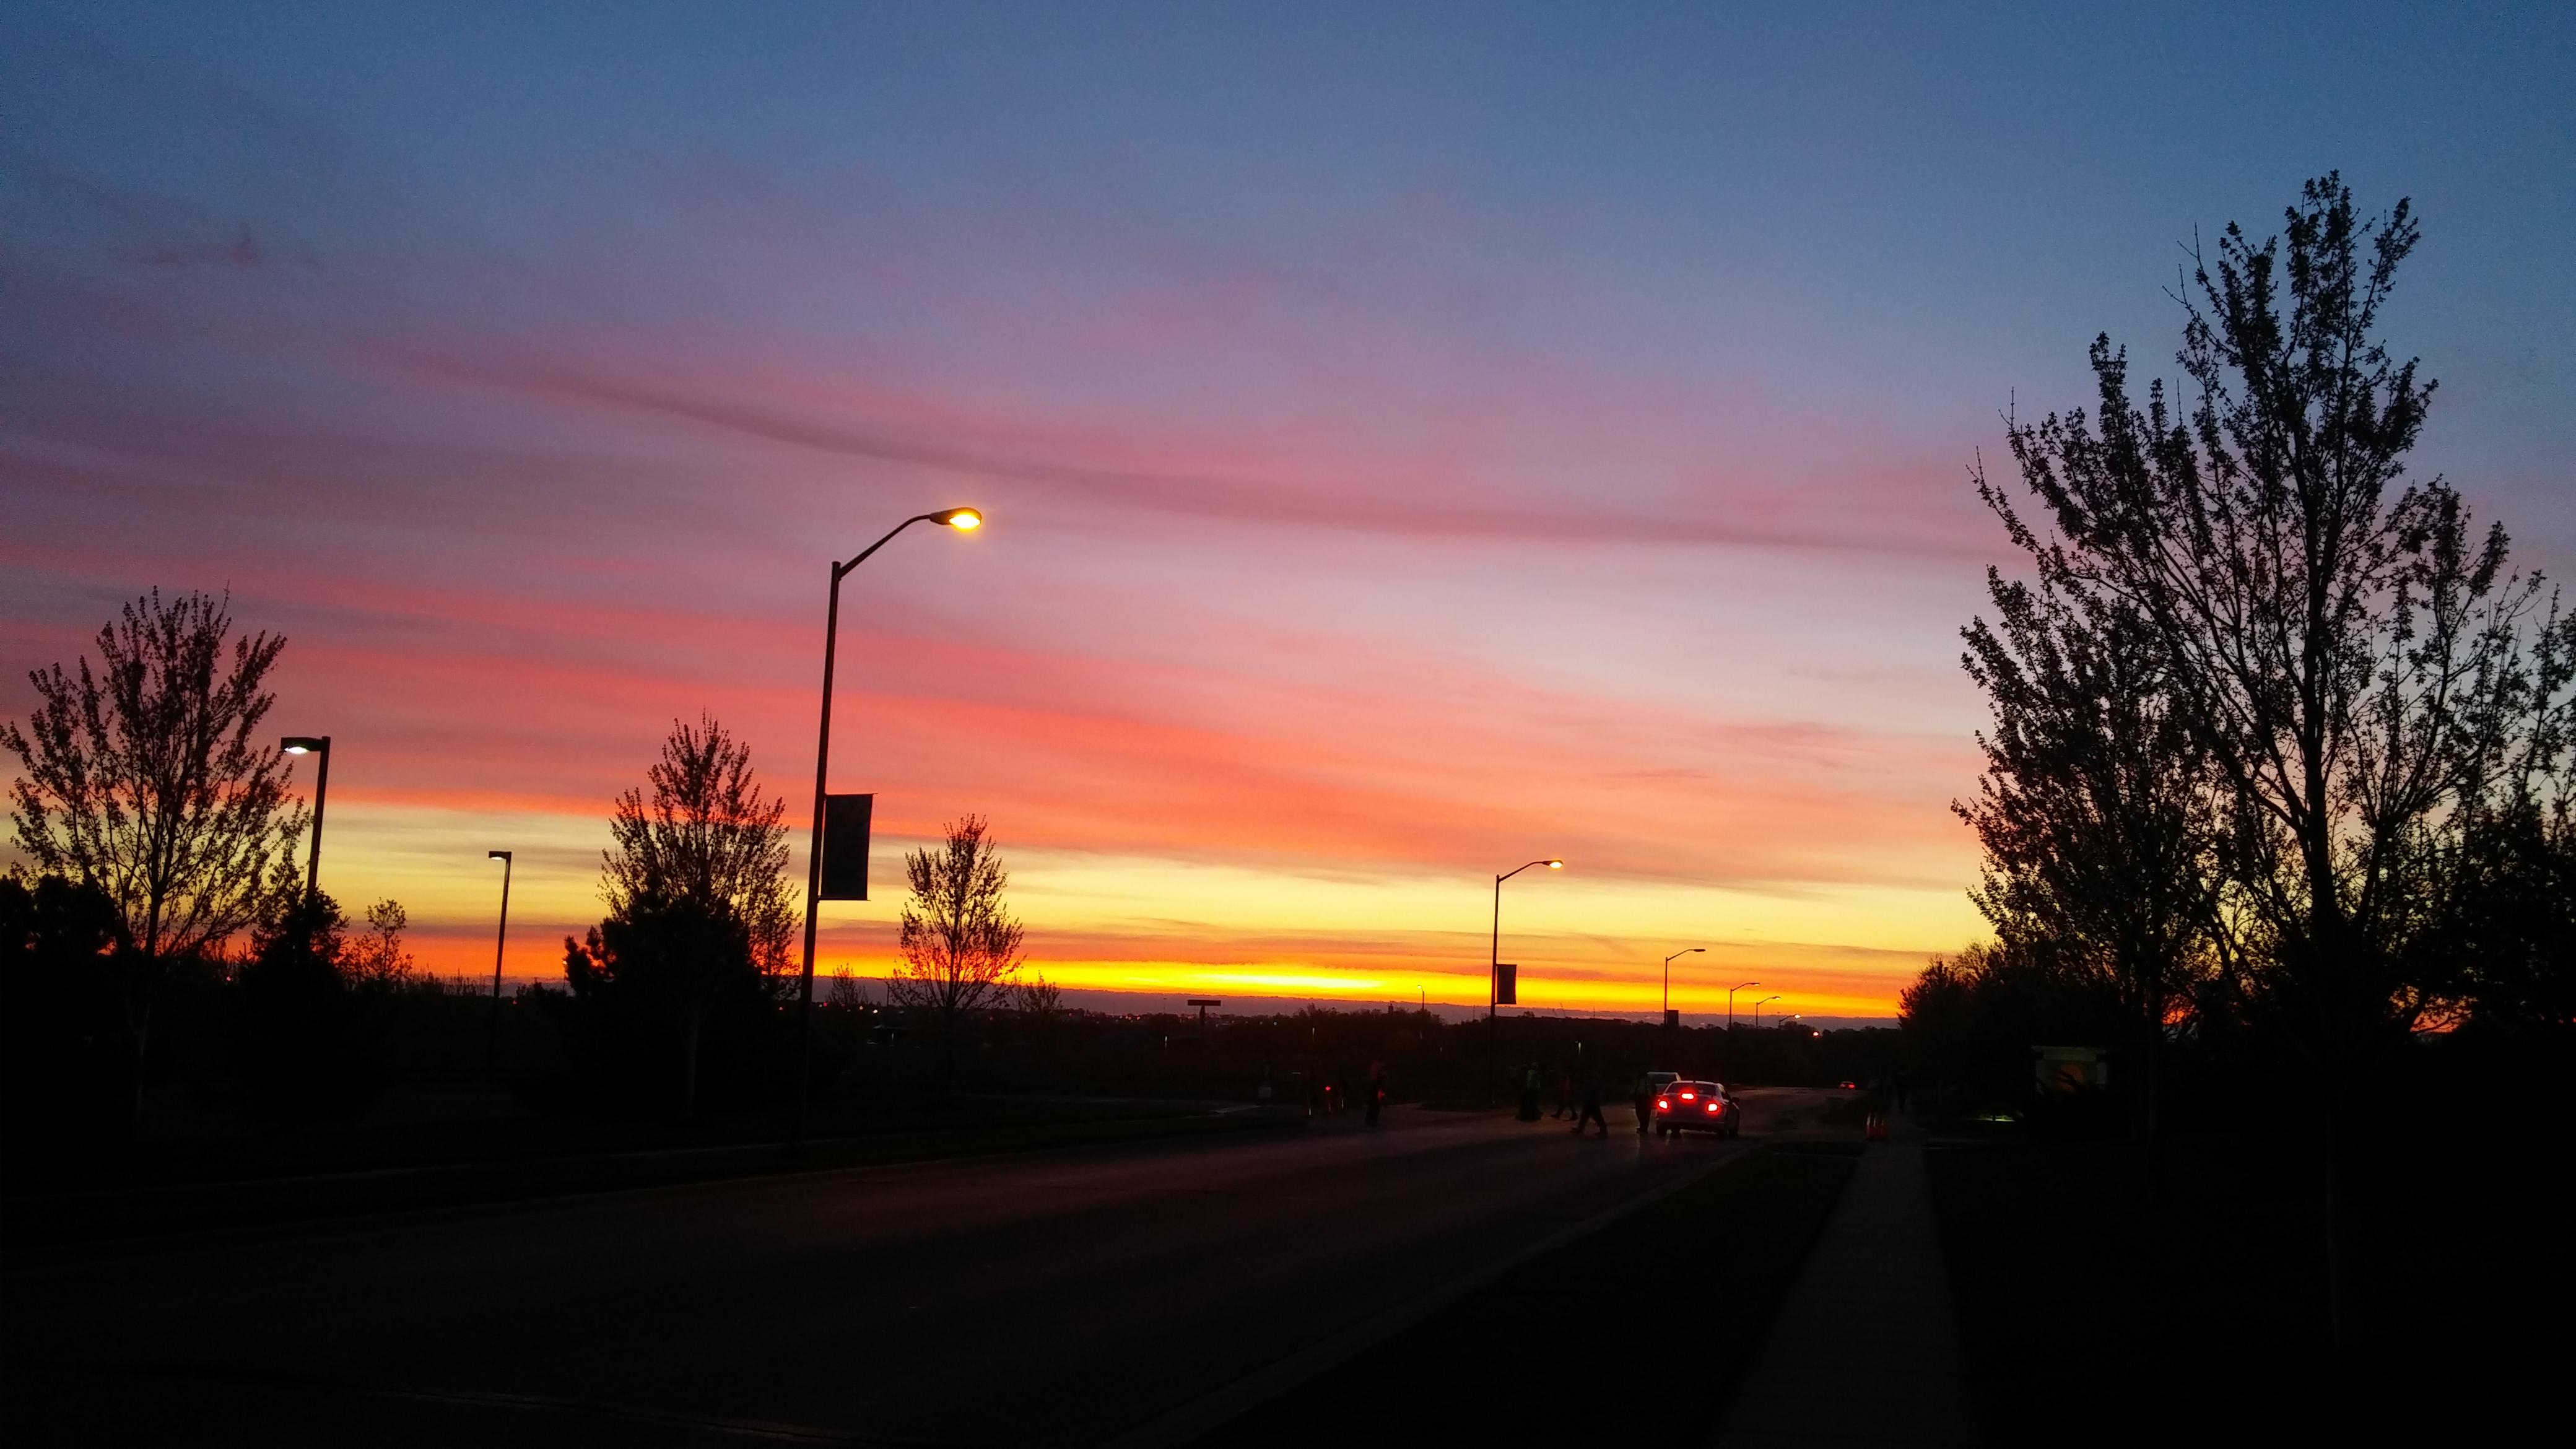 4-16-2016 - Kansas sunrise